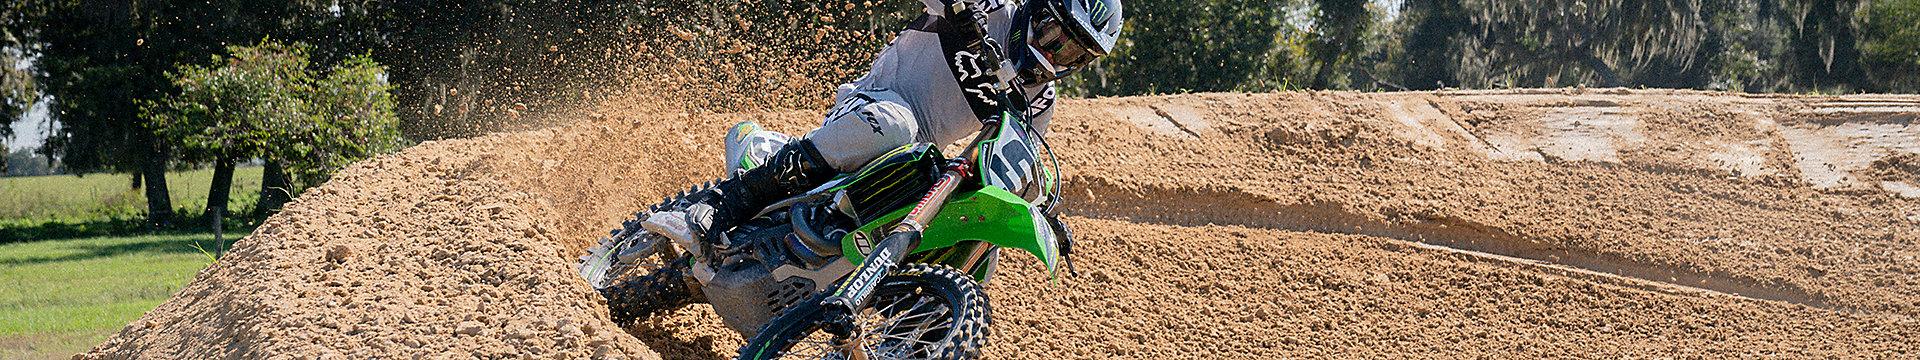 Fox Motocross Laarzen